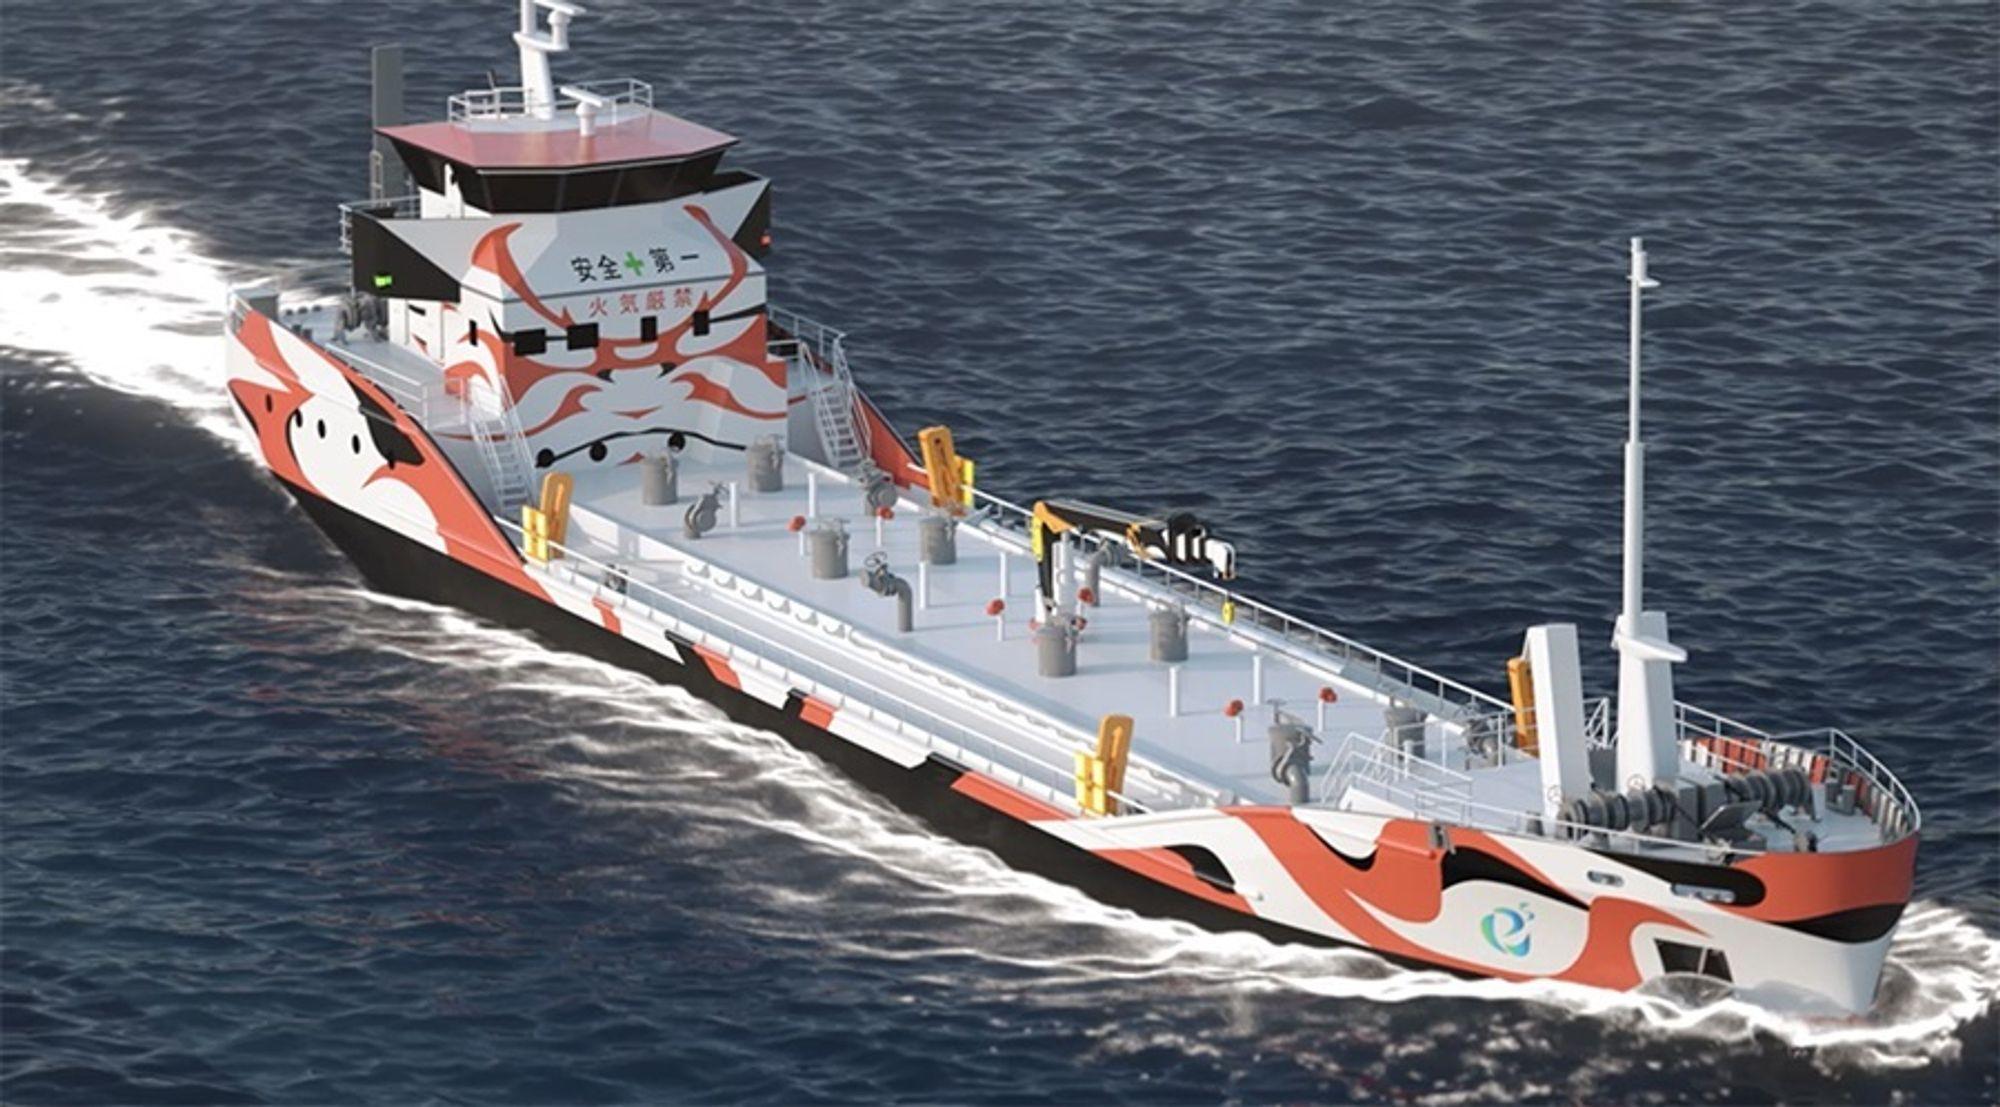 e5 tankskip. Asahi Tanker har bestilt to nullutslipps bunkringsfartøy  med kapasitet på 1.300 kubikkmeter. Skipene blir 62 meter lange og får 3.5 MWh batteripakker.